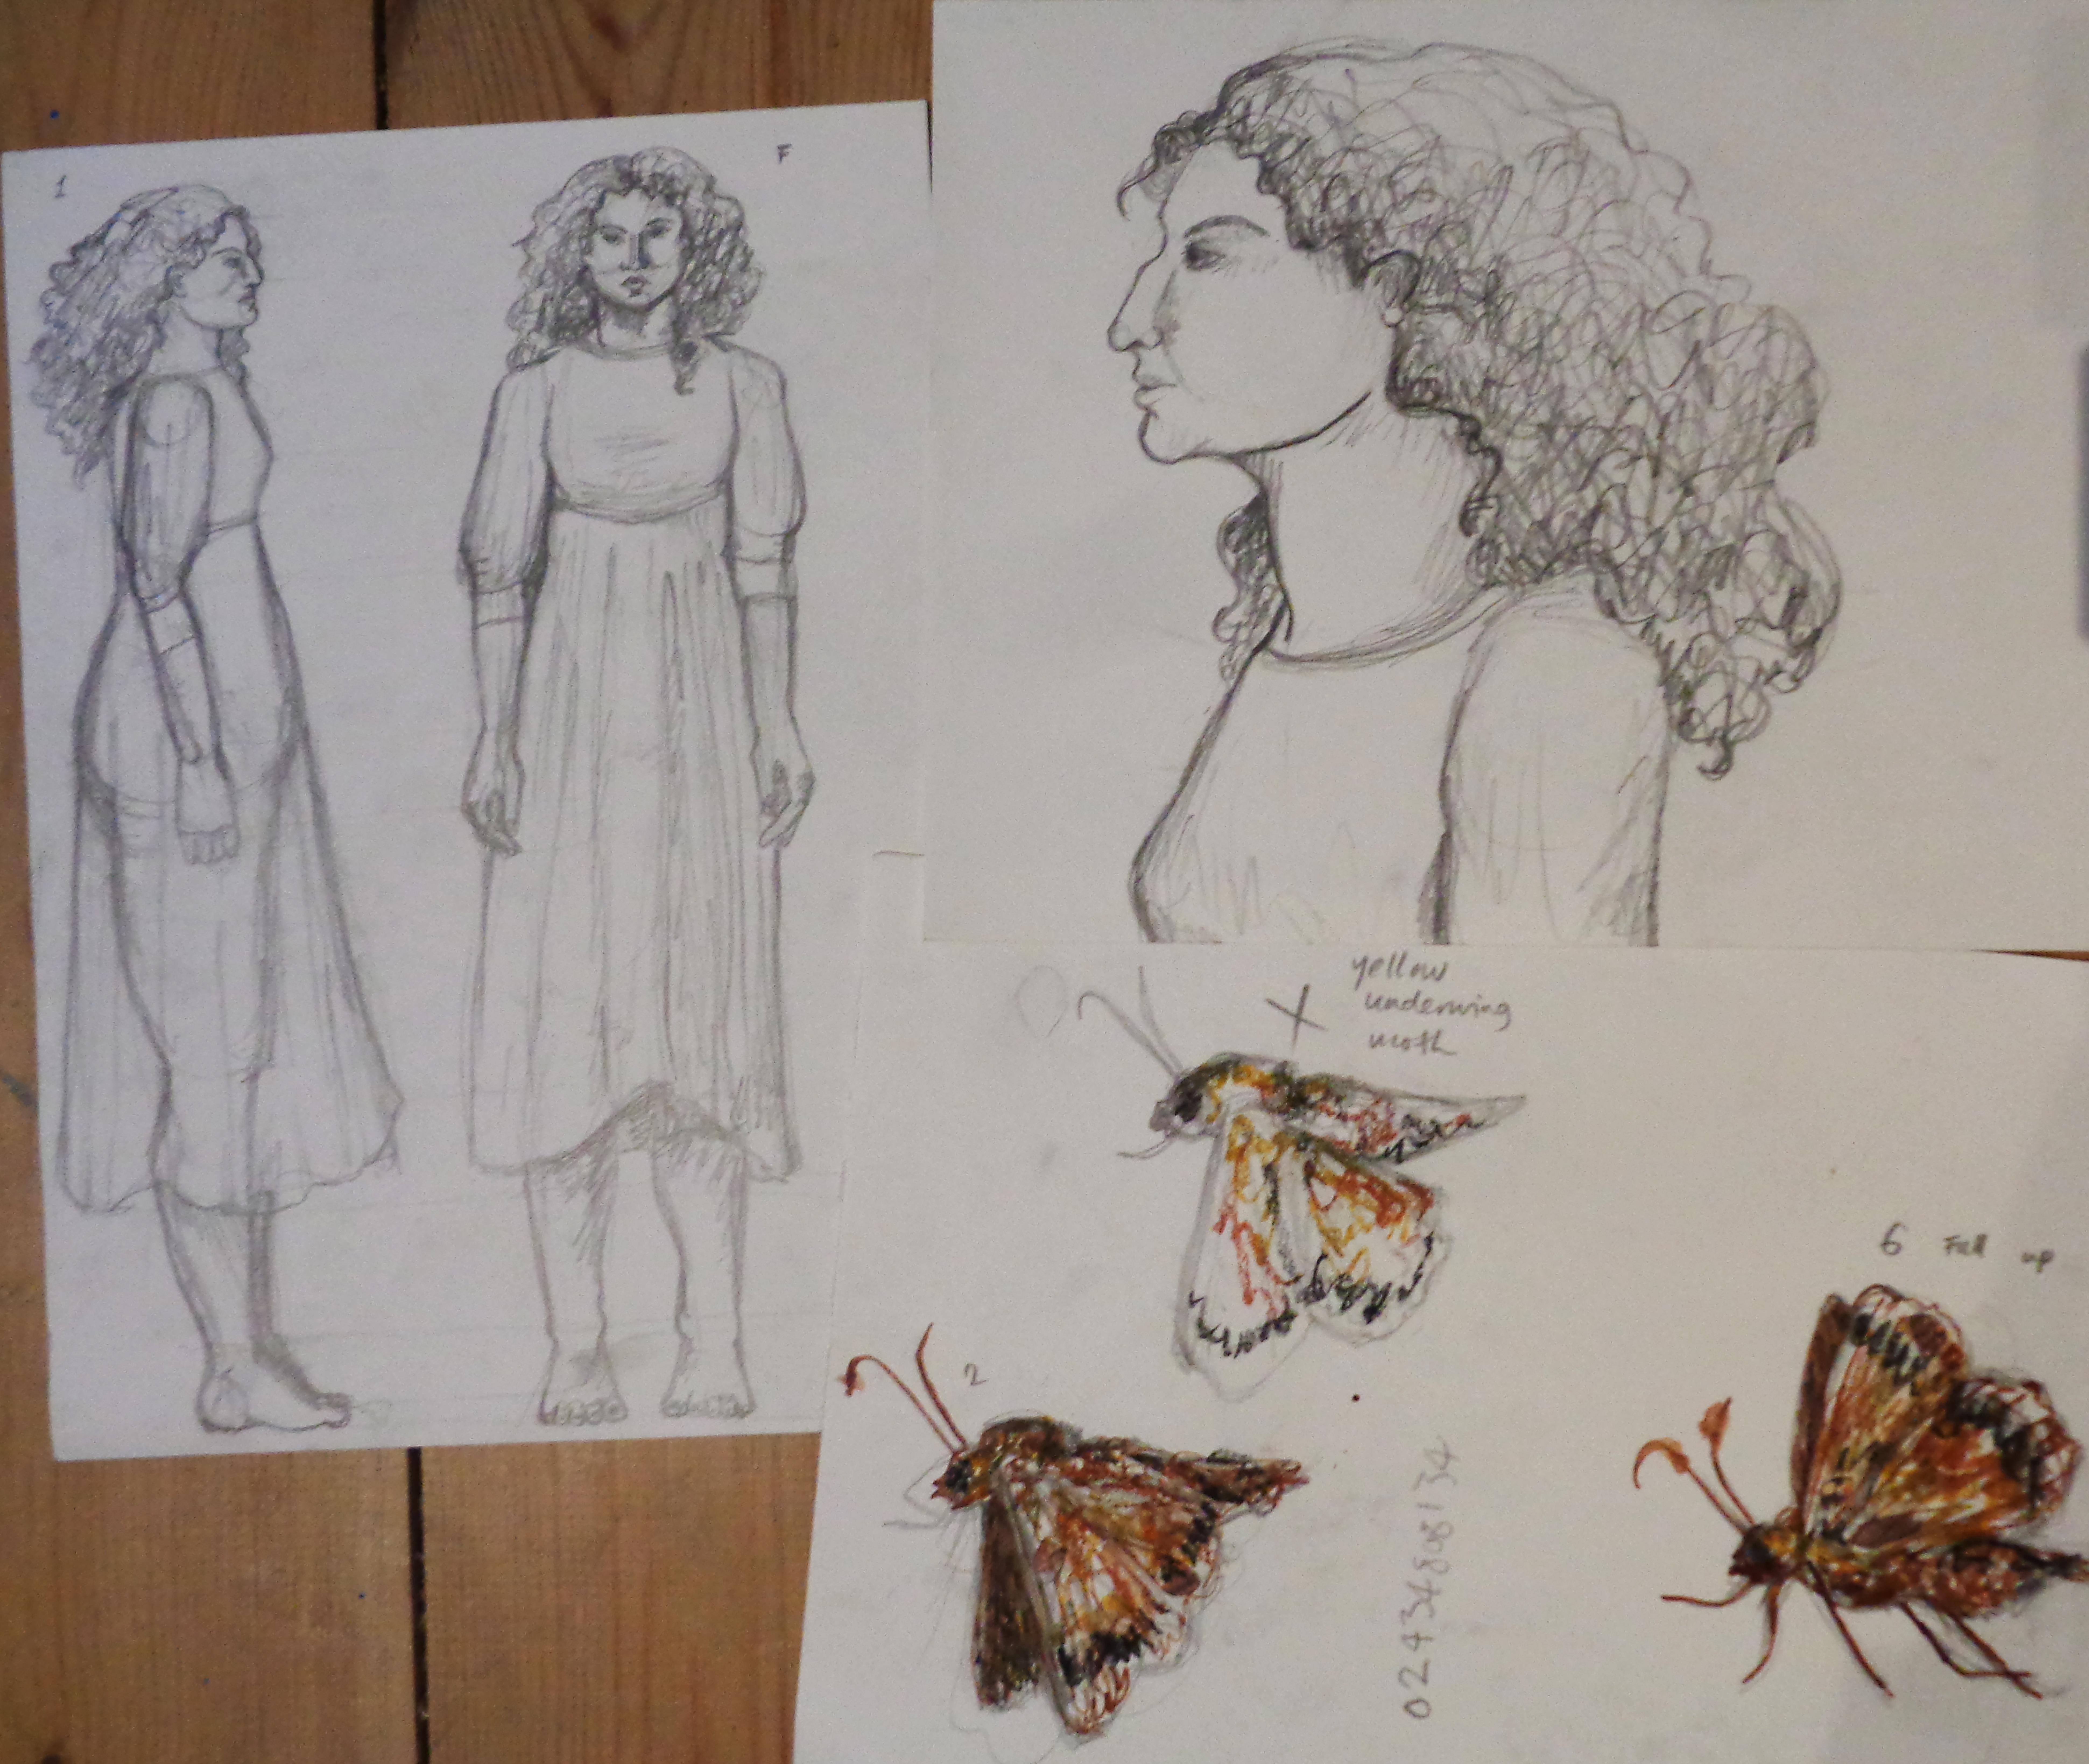 In An Artist's Studio